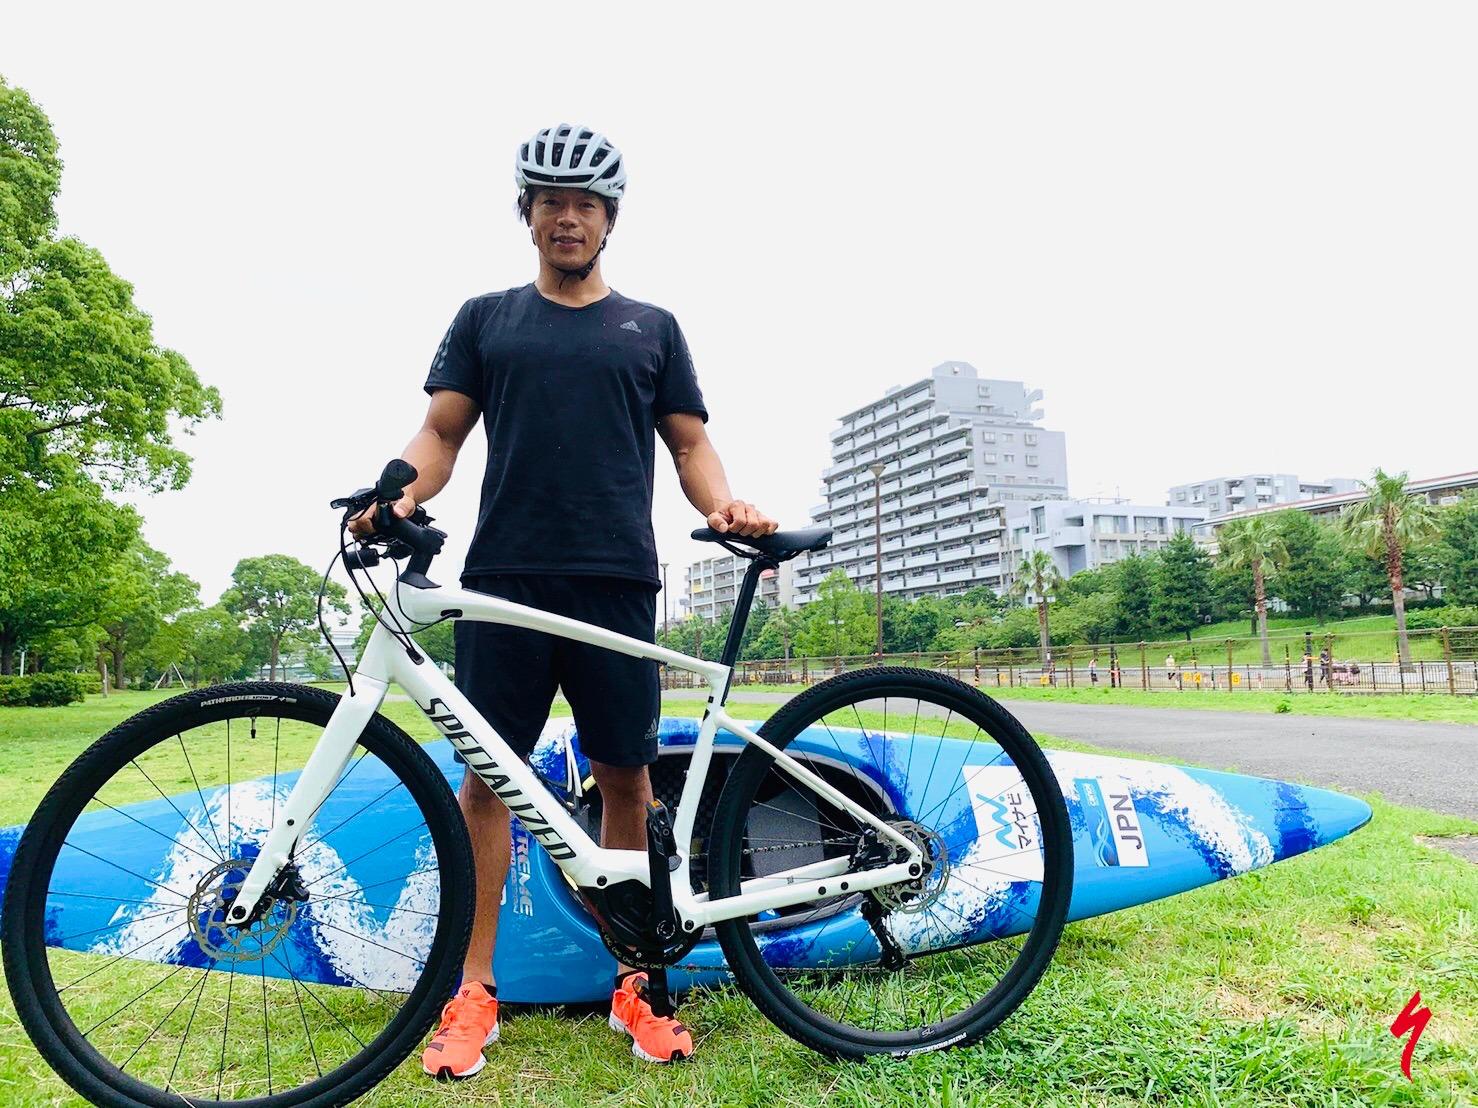 カヌースラローム日本代表銅メダリスト「羽根田卓也」がスペシャライズドとサプライヤー契約を締結